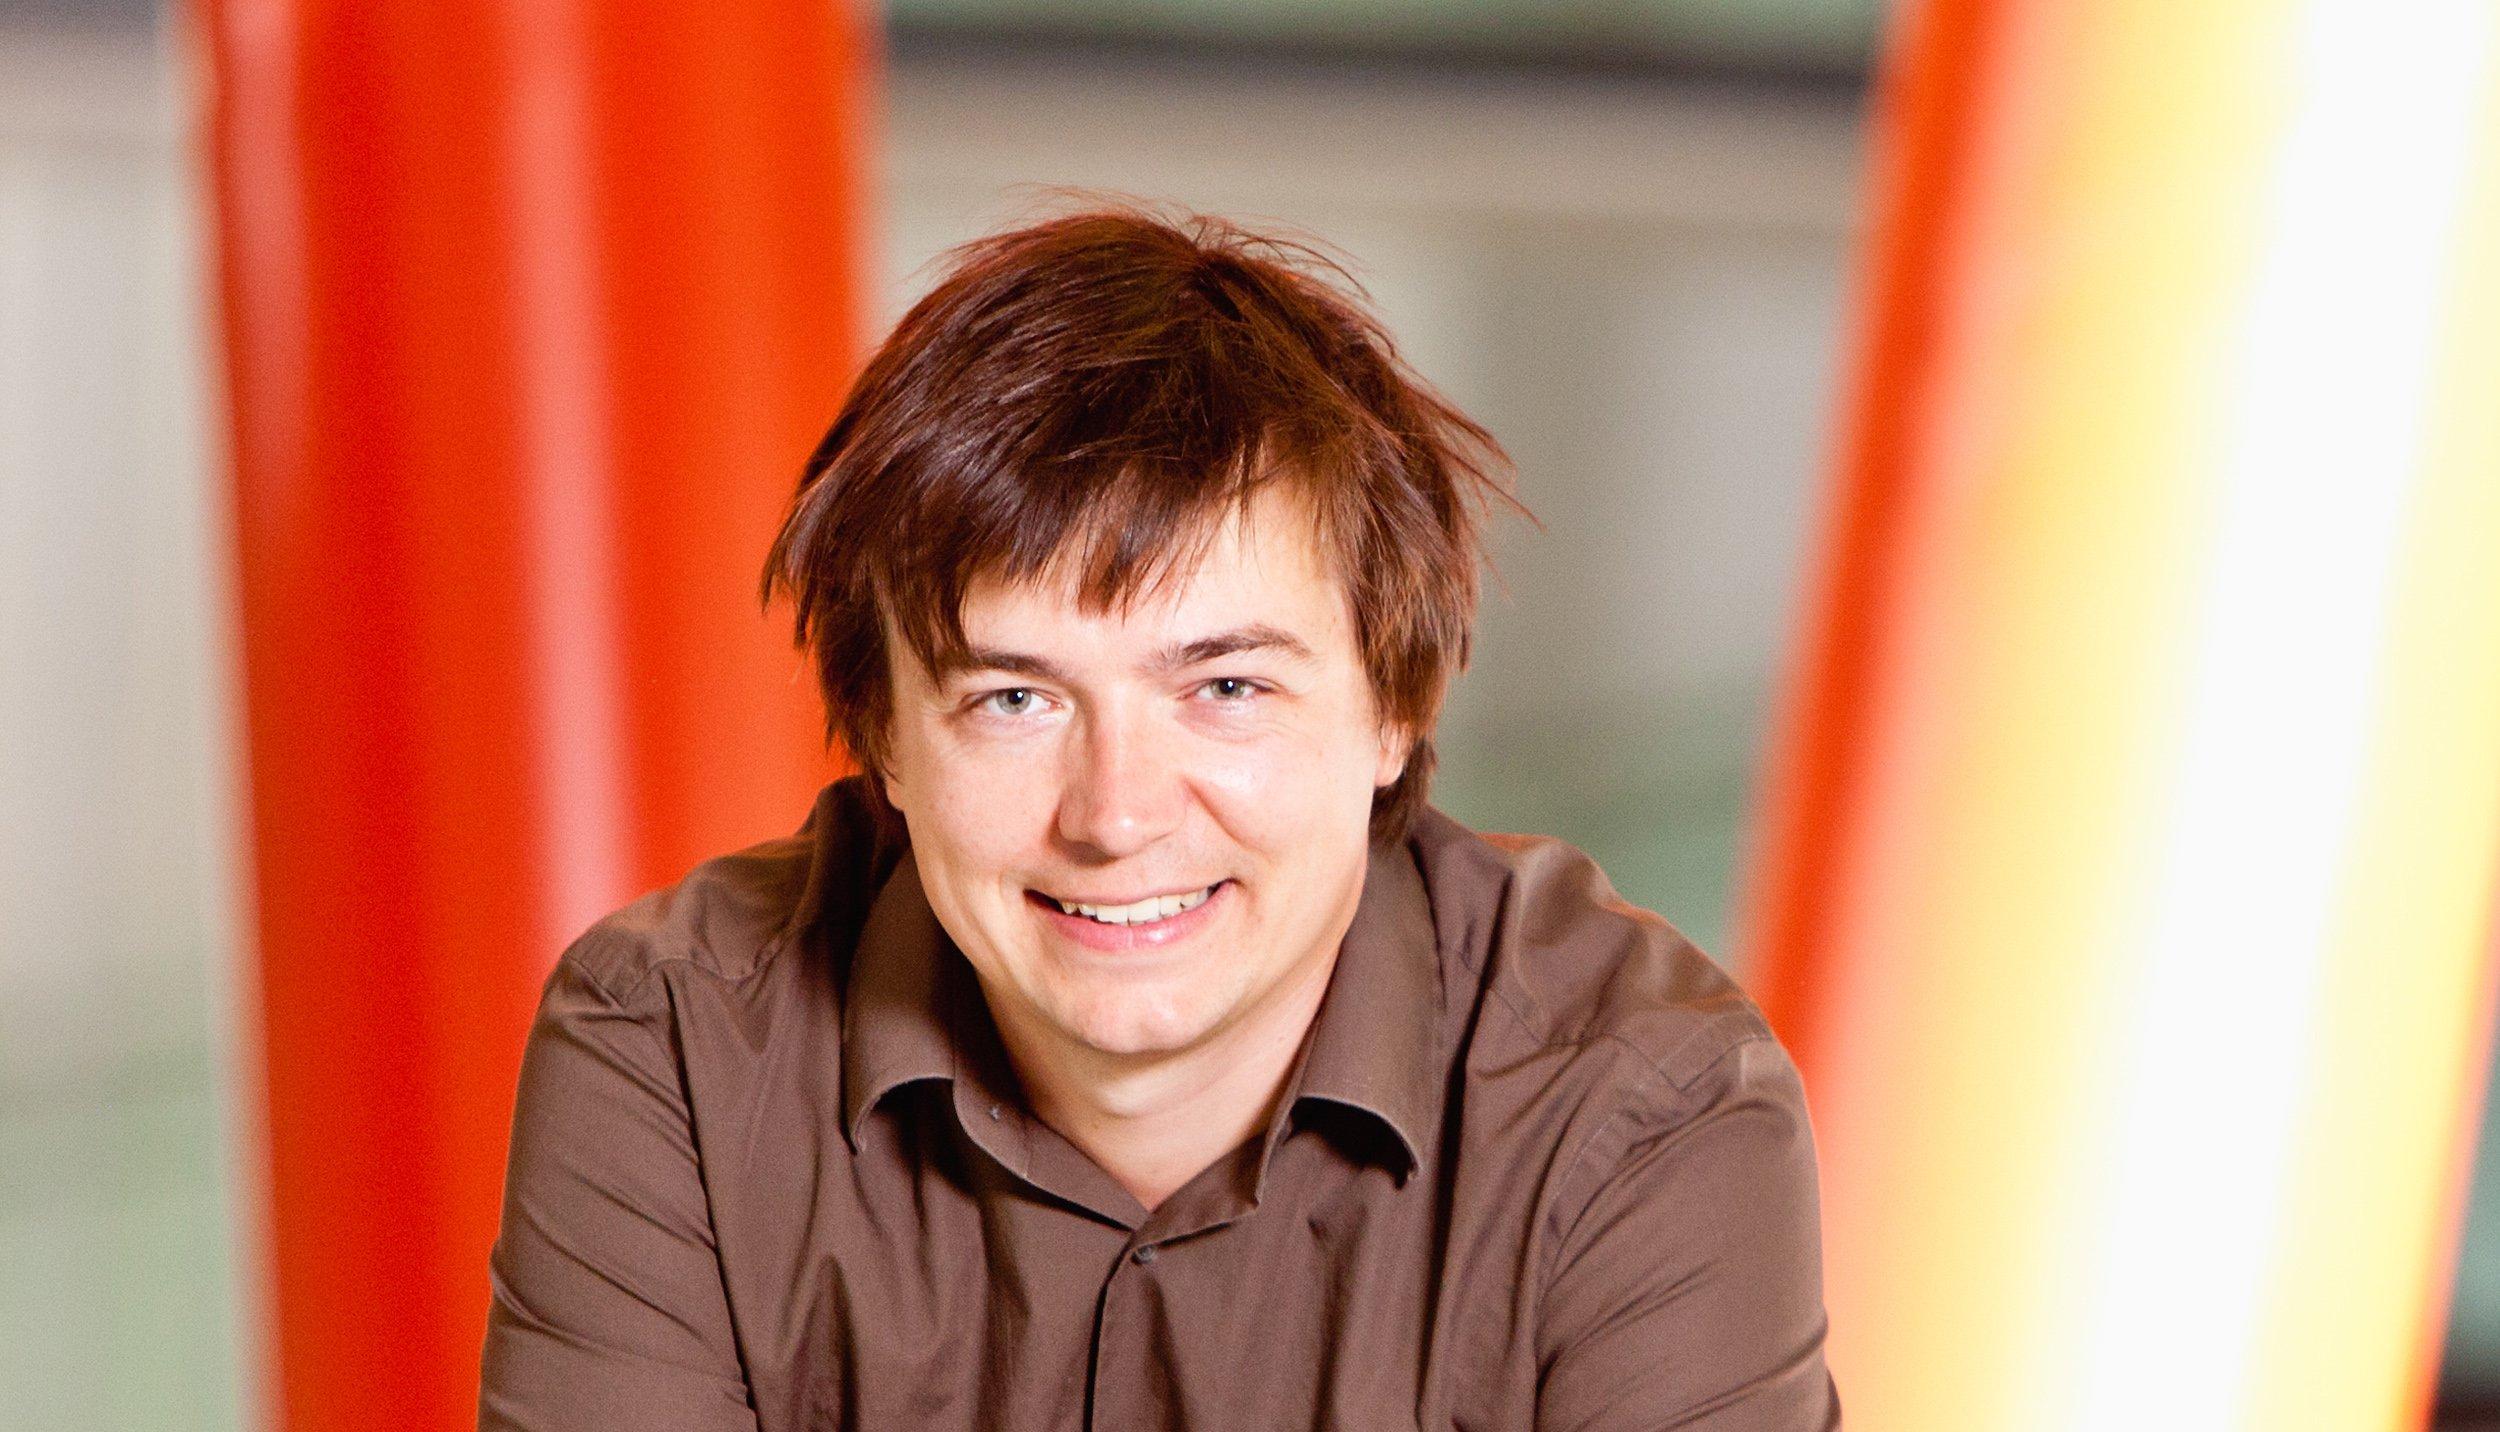 Die Bildrechte auf dieser Seite liegen bei Jürgen Lösel, Klaus Tschira Stiftung.